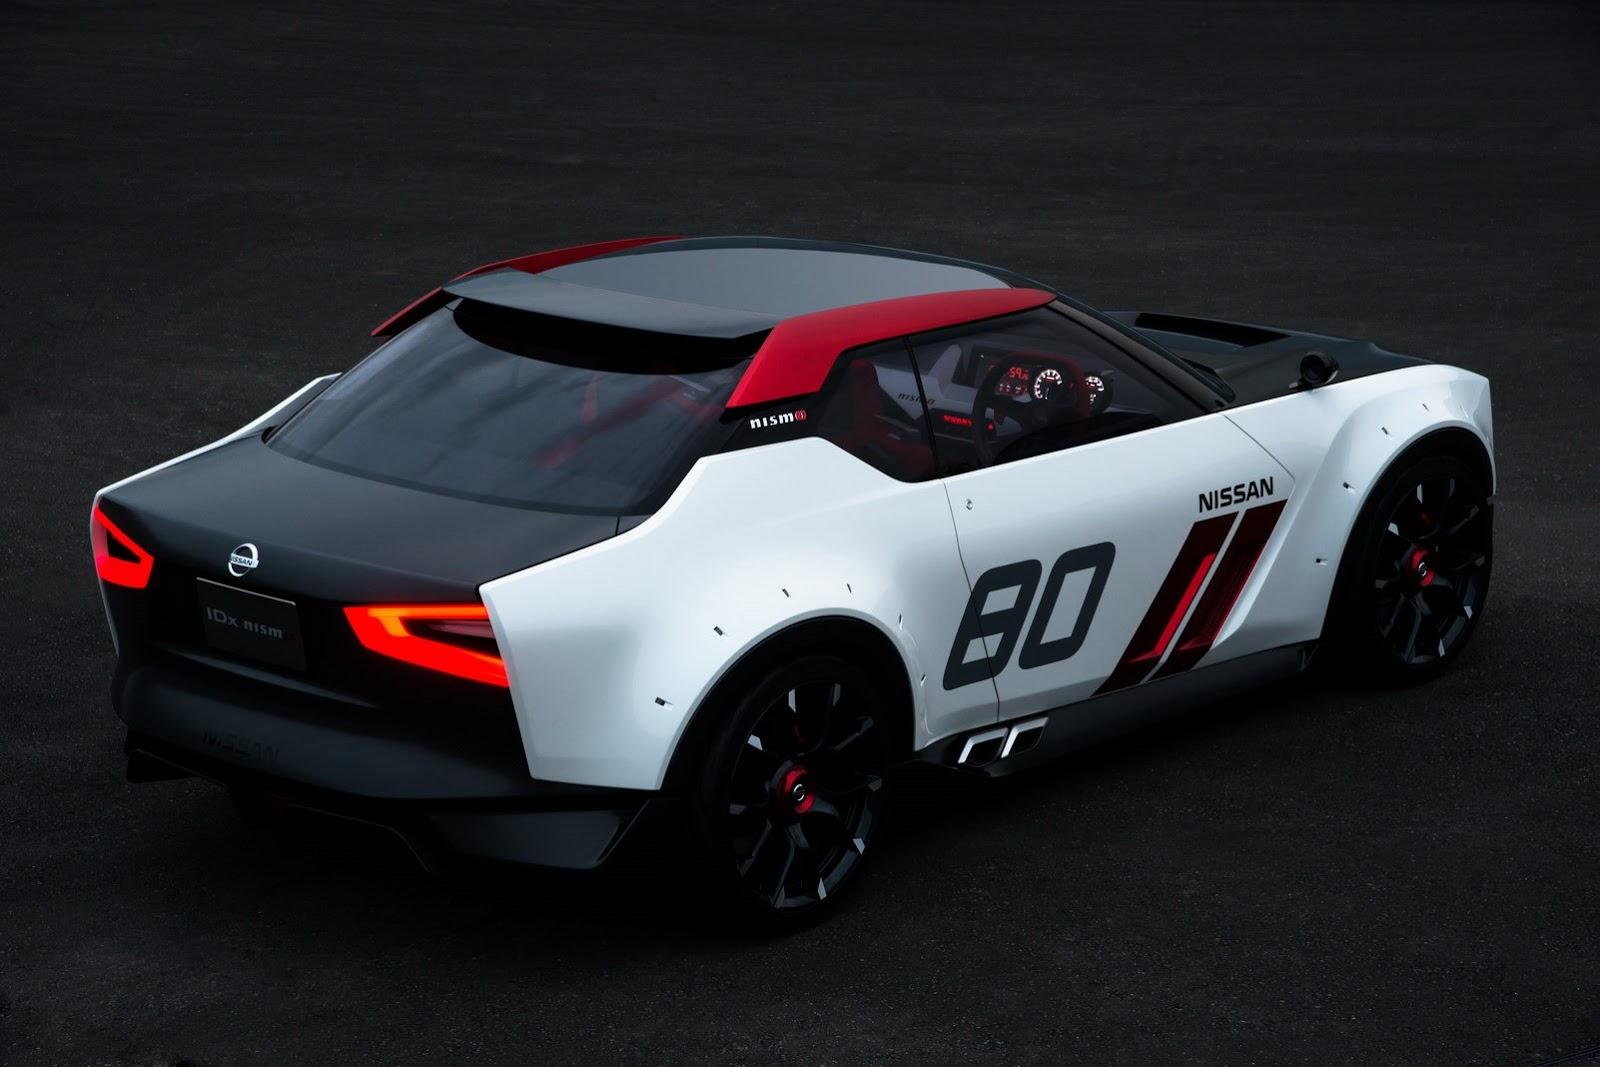 Ya es oficial: el Nissan IDx no irá a producción, al menos con propulsión trasera 2